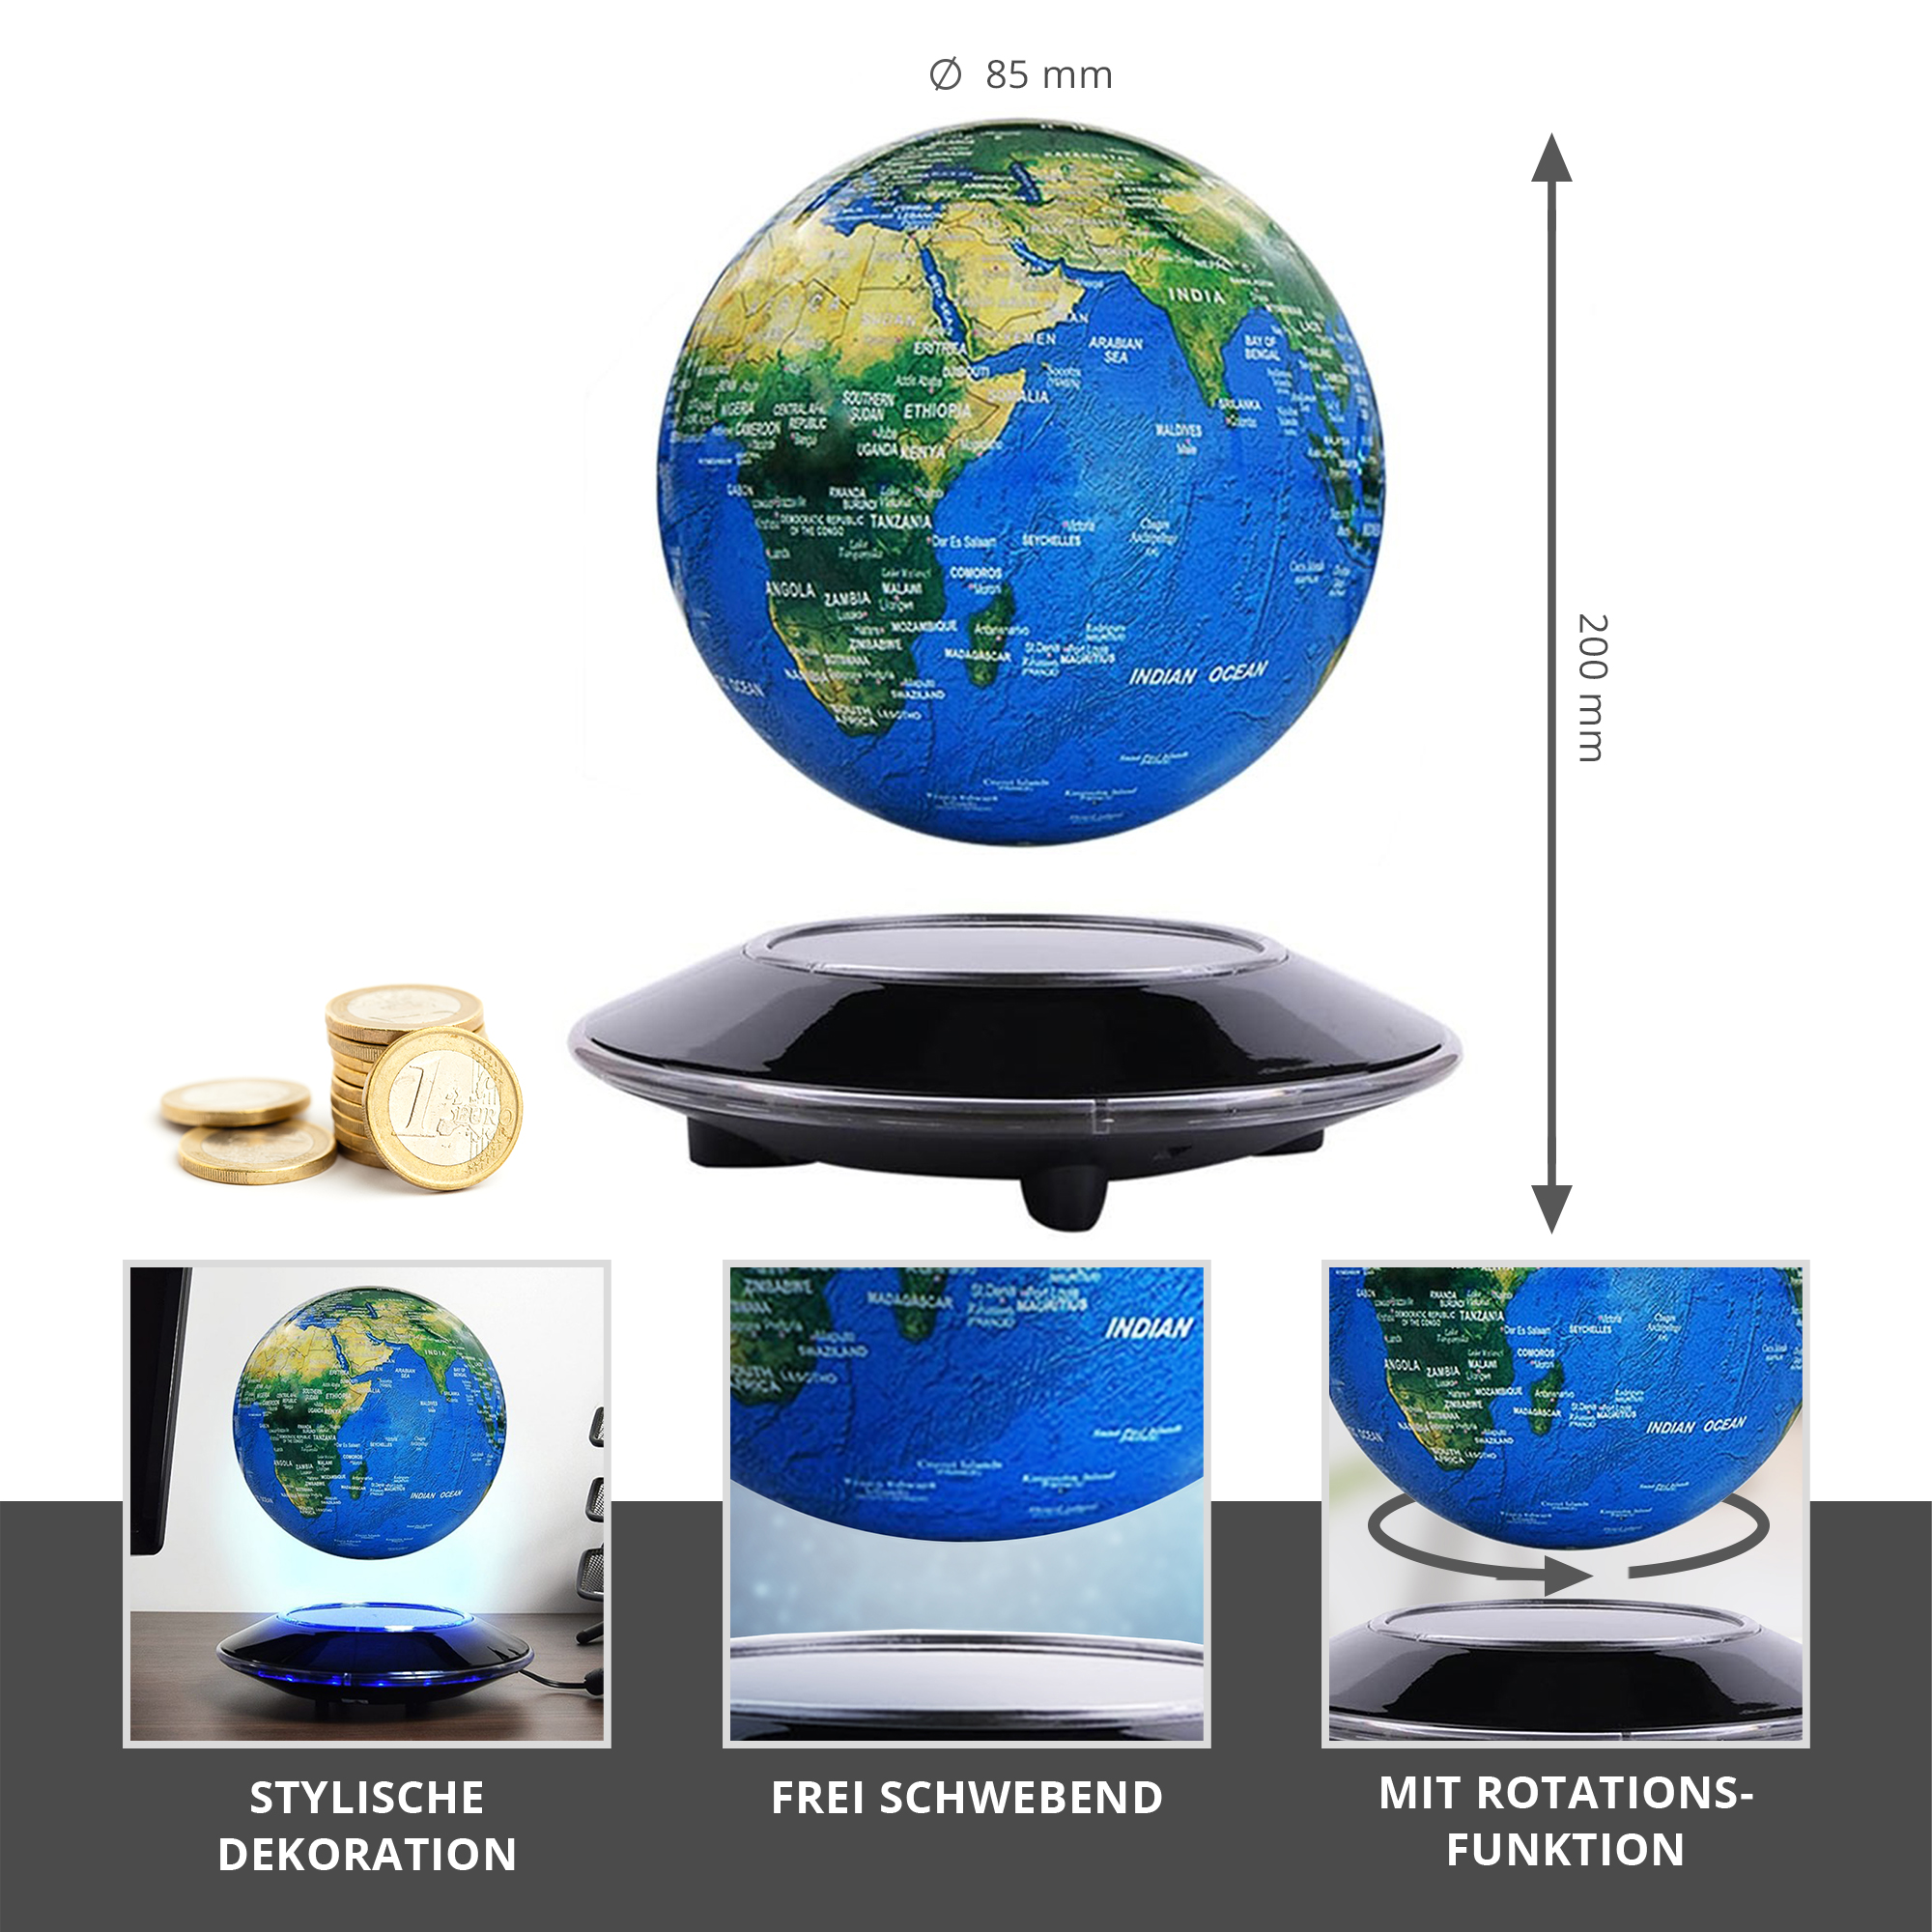 Schwebender Globus mit elektromagnetischer Basis - 2